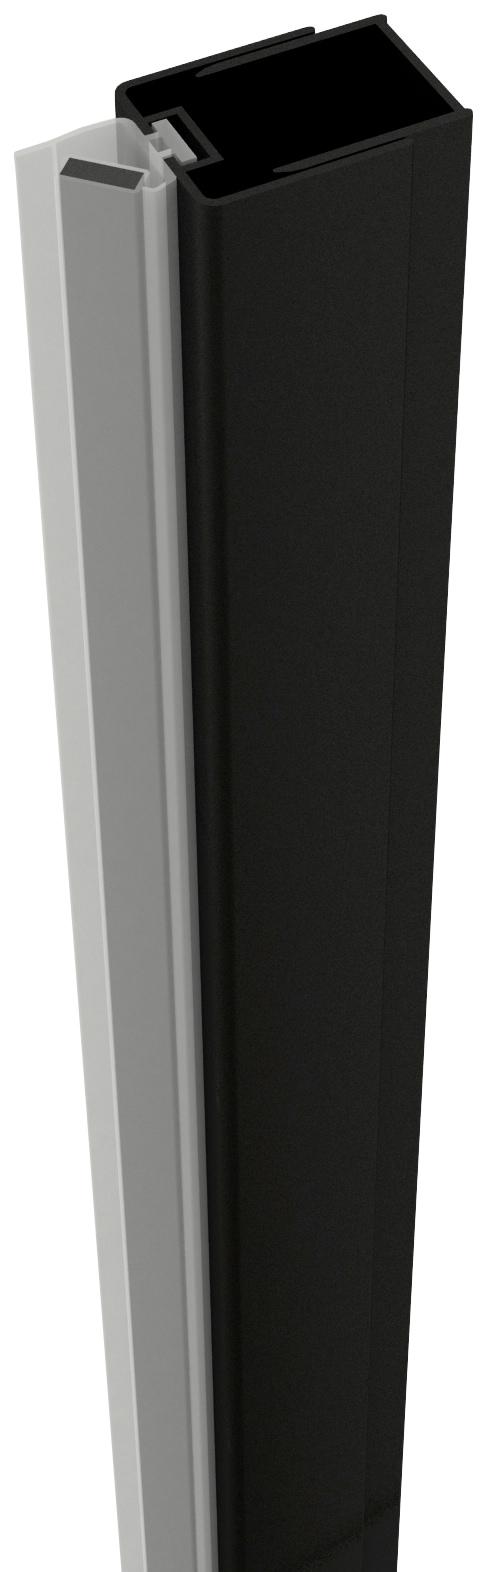 Image of Abschlussprofil »ELITE«, mit Magnetleiste, zur Montage von Duschtüren an die Wand